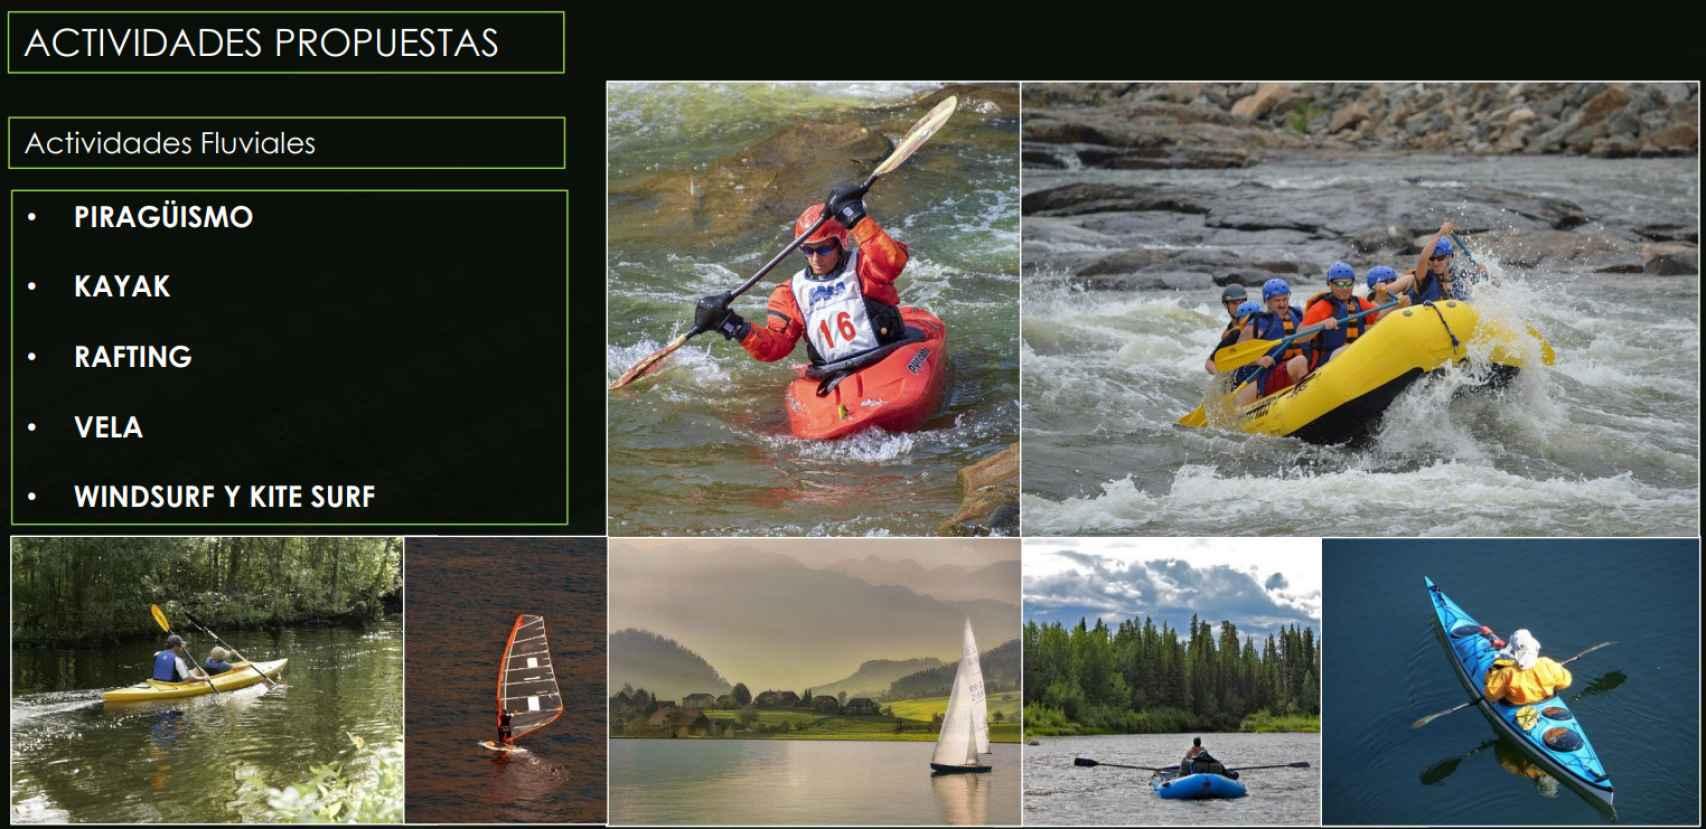 Algunos de los deportes náuticos previstos en el proyecto.